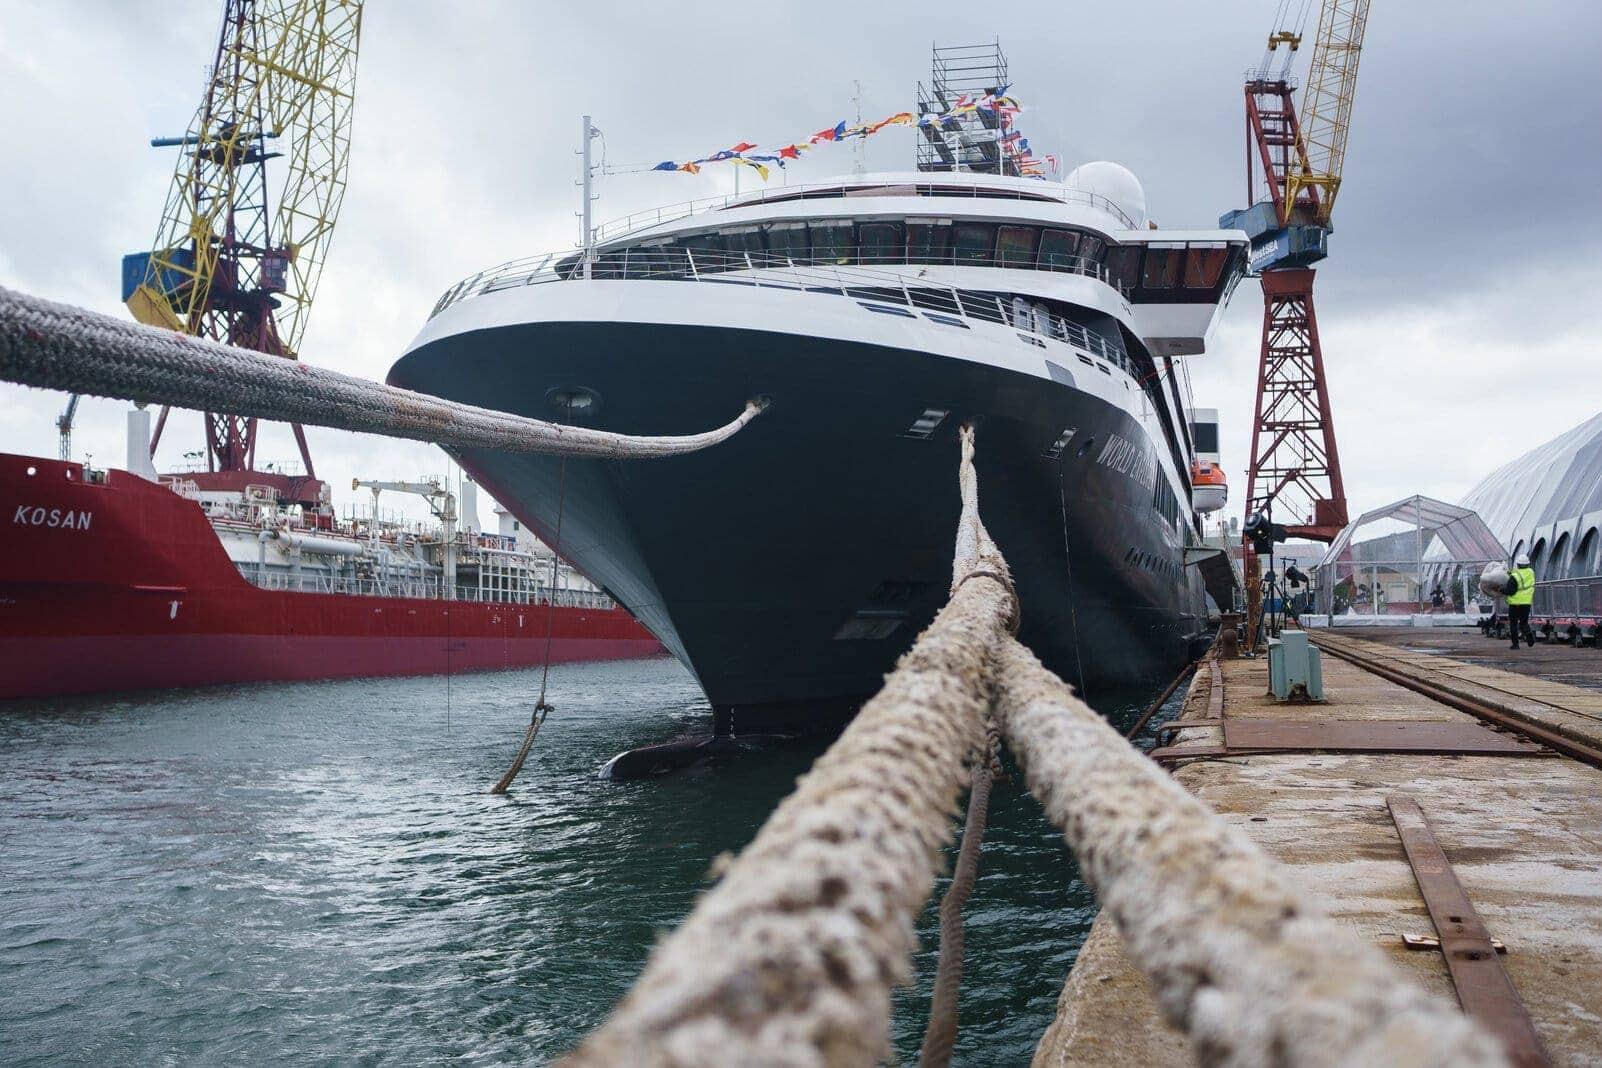 Kreuzfahrtschiff World Explorer in der portugiesischen Westsea Yard